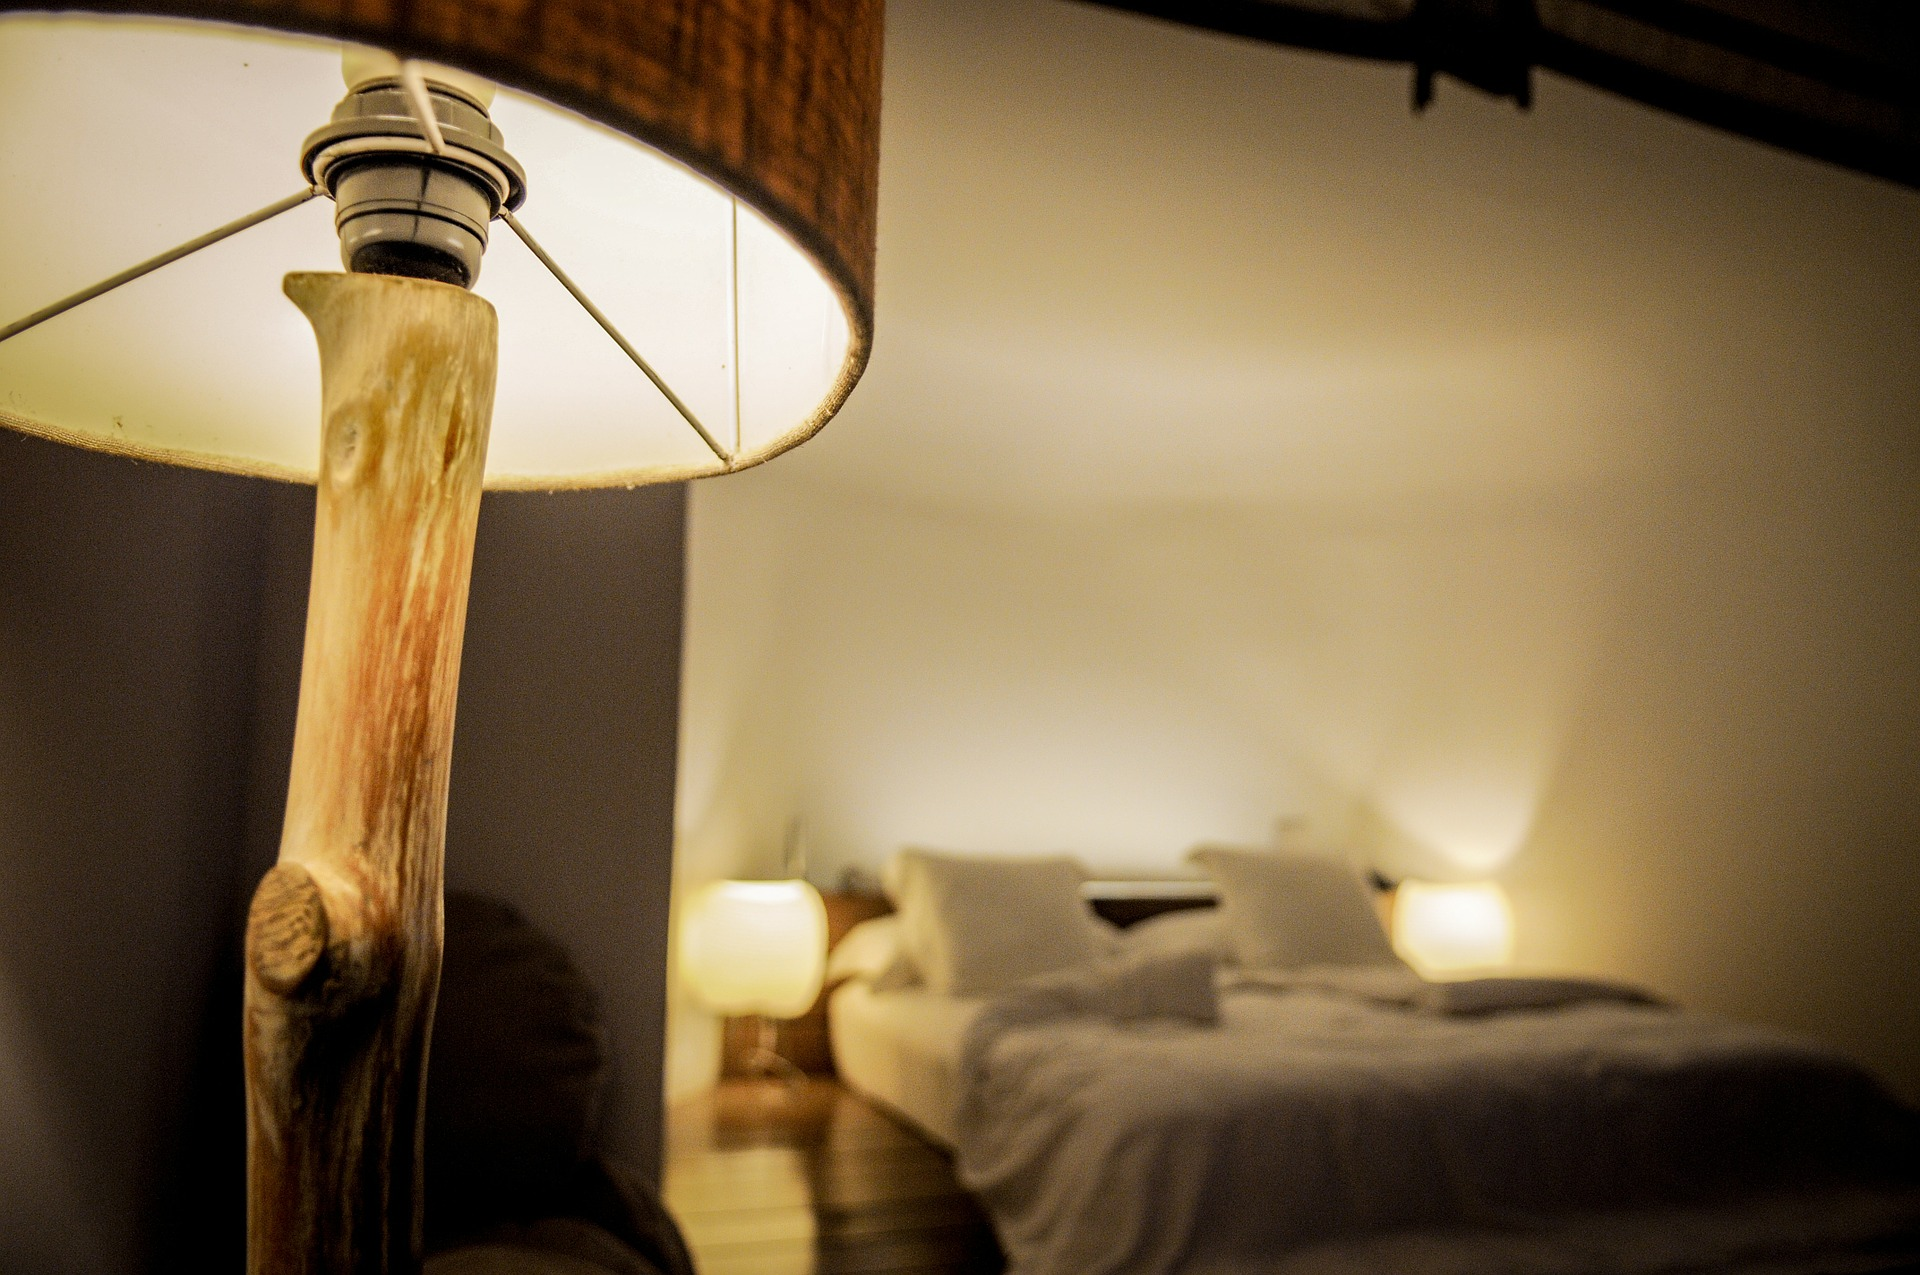 Full Size of Schlafzimmer Lampen Schlafzimmerlampen Mit Extra Fernbedienung Eckschrank Deckenleuchte Gardinen Für Tapeten Schranksysteme Deckenlampen Wohnzimmer Wohnzimmer Schlafzimmer Lampen